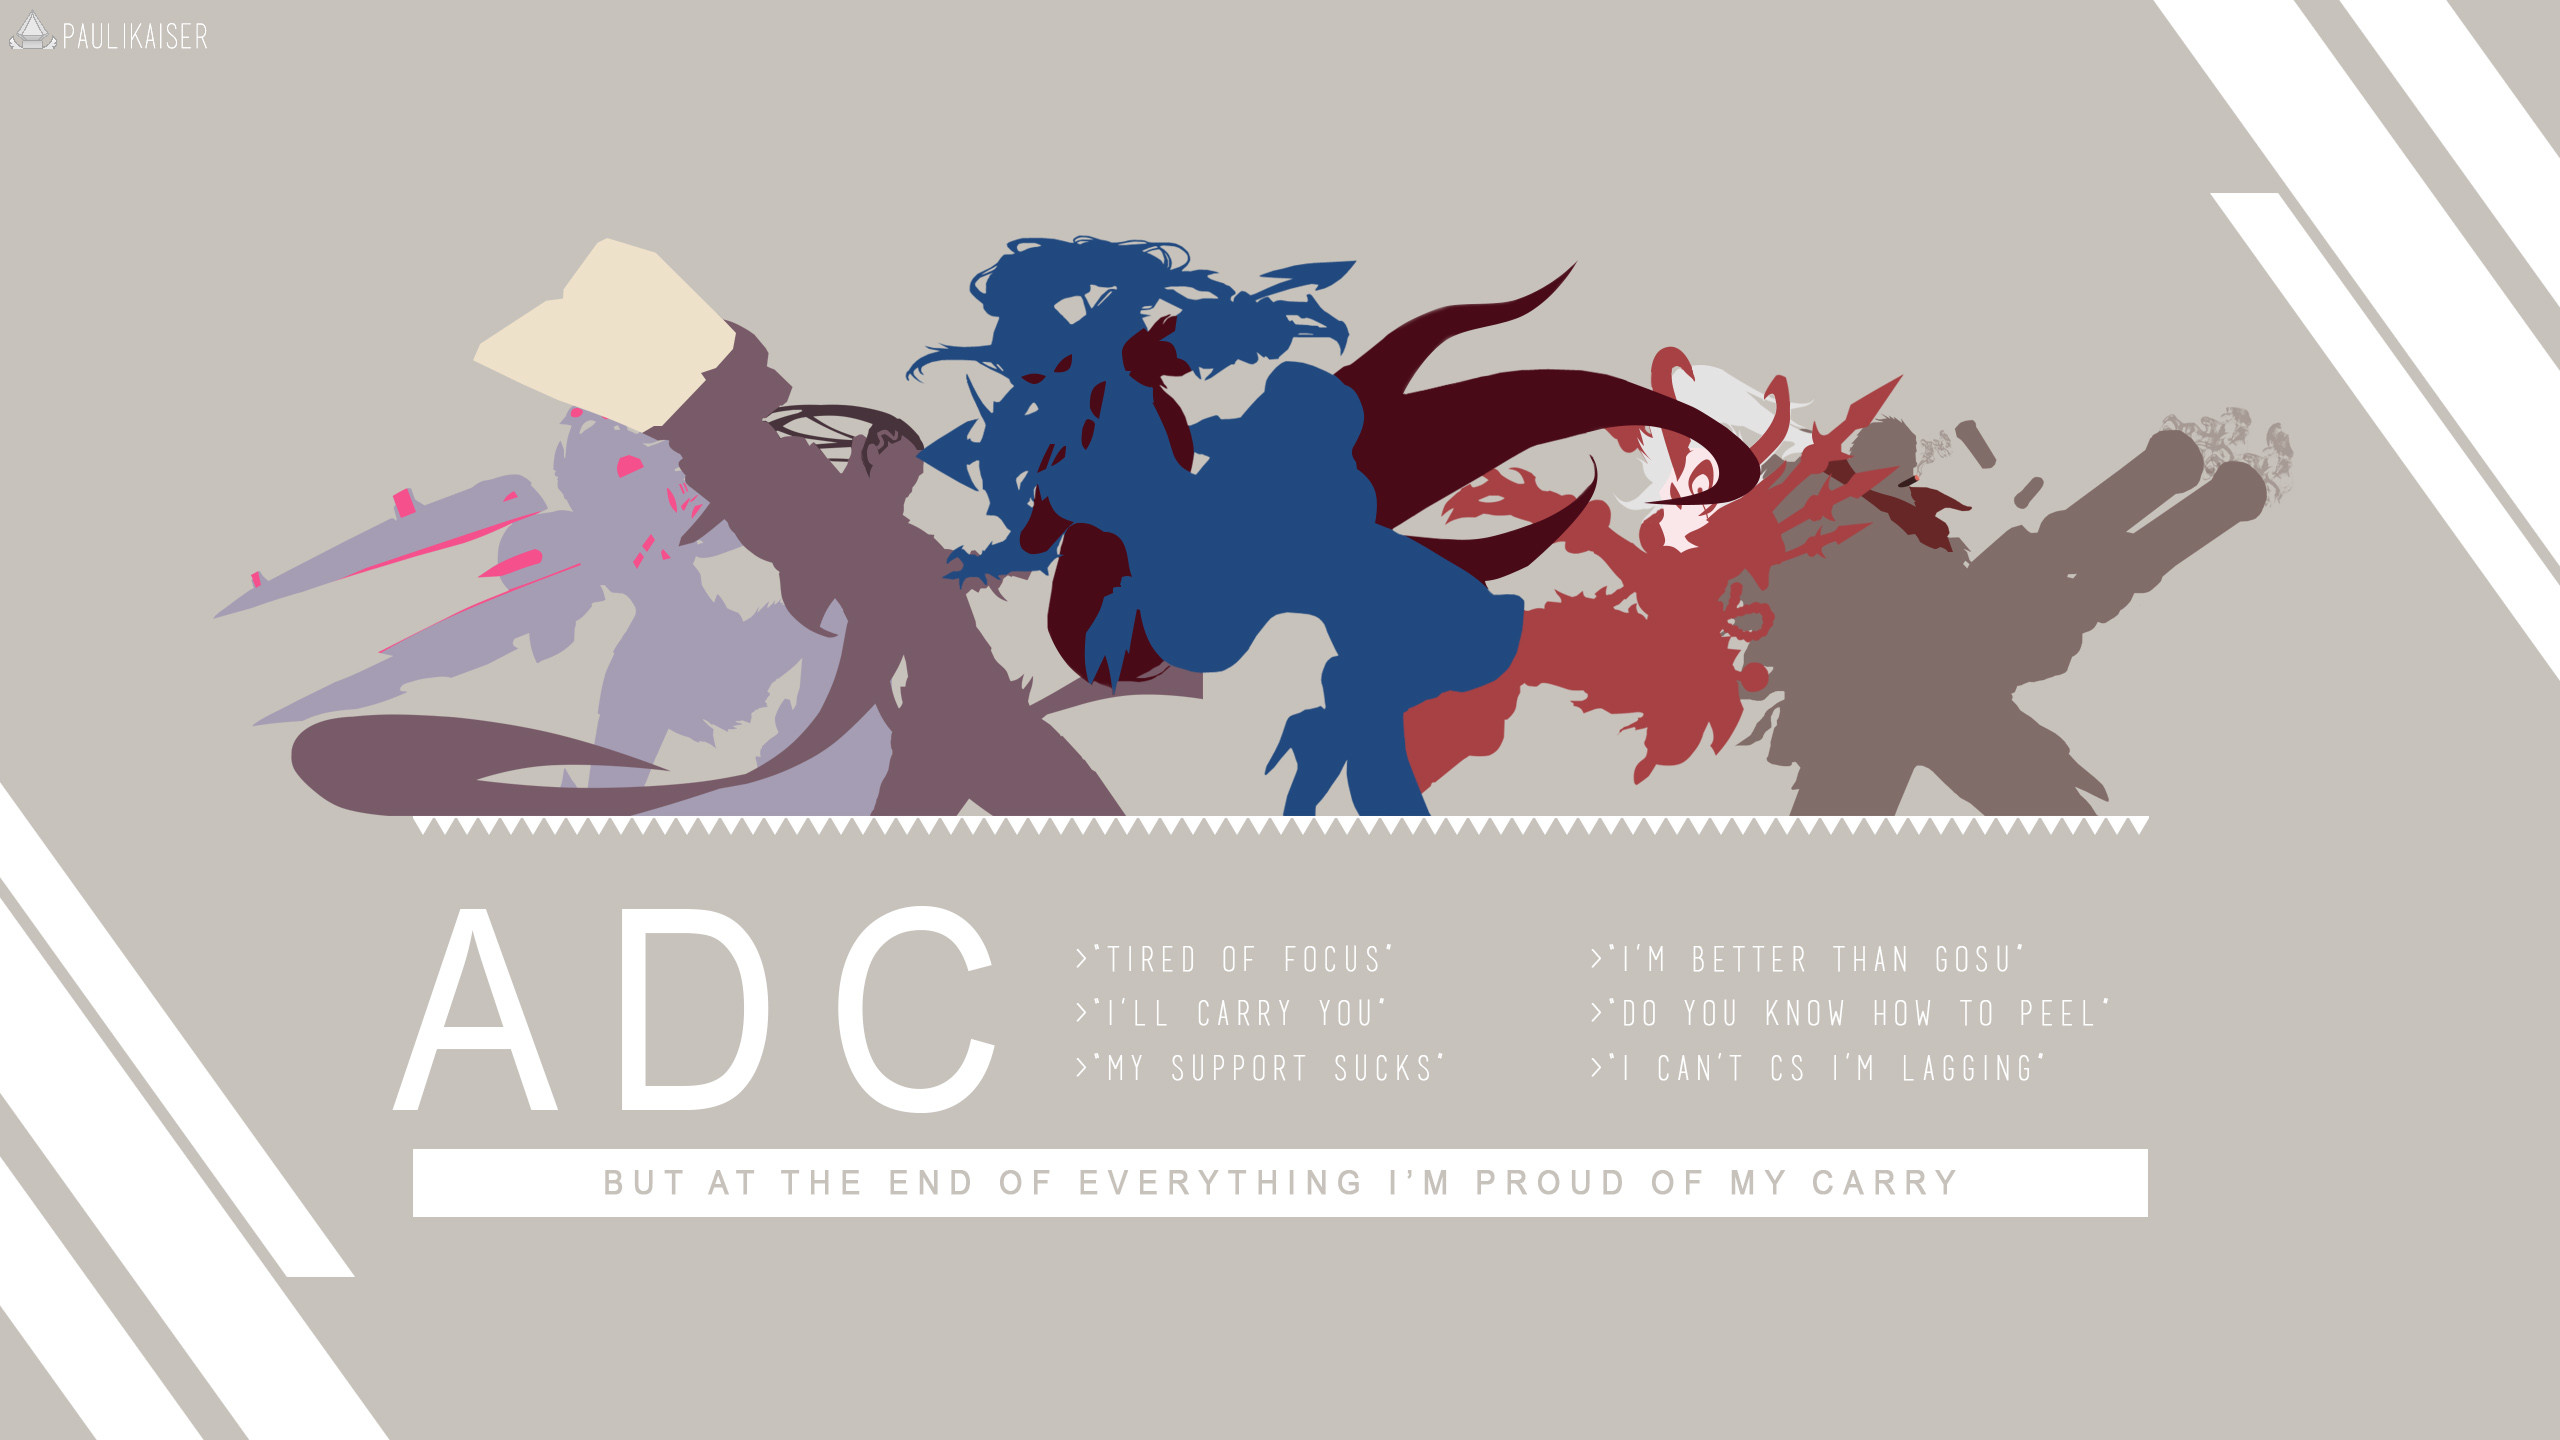 ADC by Paulikaiser (4) HD Wallpaper Fan Art Artwork League of Legends lol